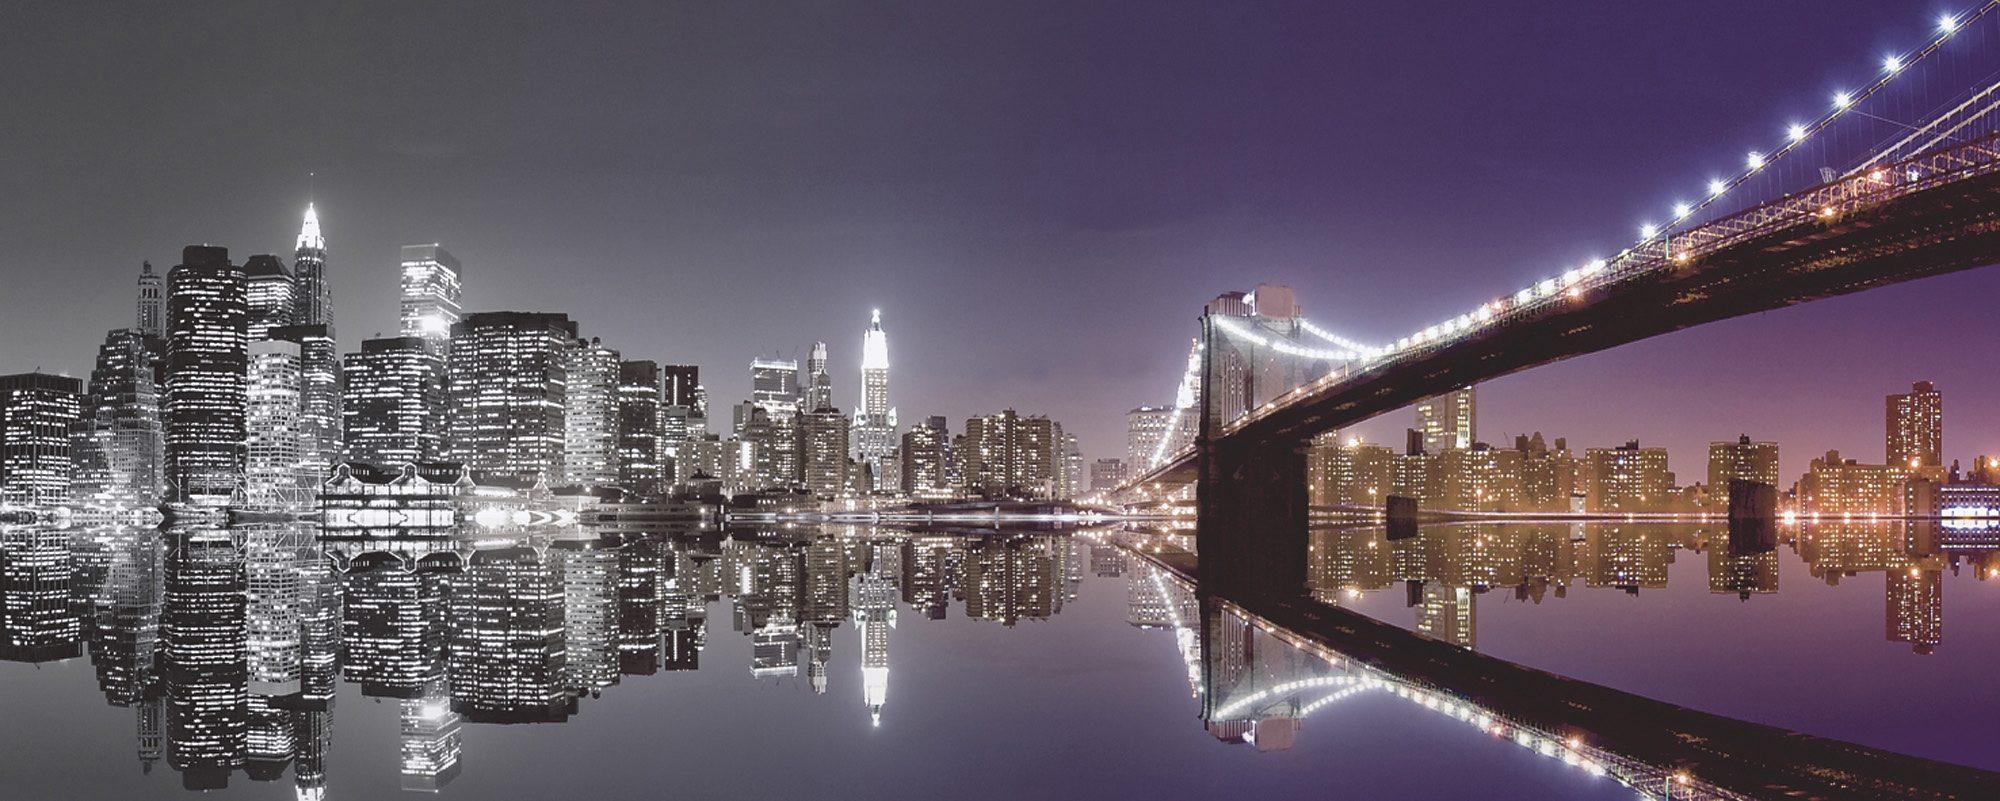 Premium collection by Home affaire Glasbild »Mike Liu: N. Y. Skyline und nächtliche Reflektion«, 125/50 cm